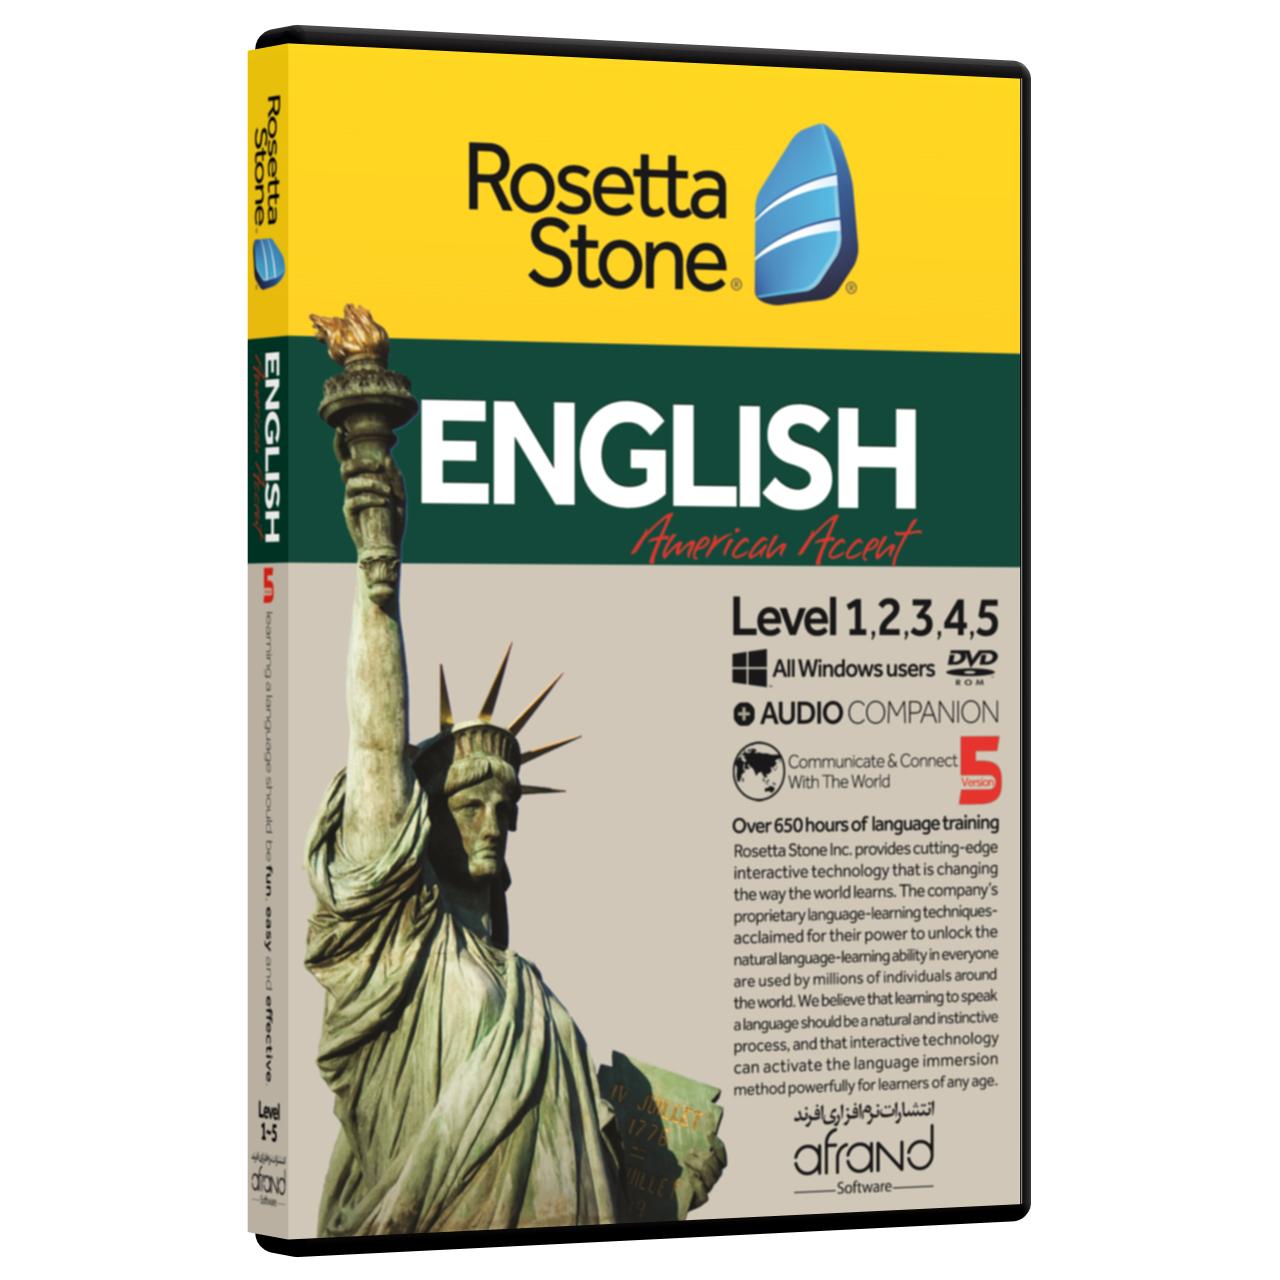 خرید اینترنتی نرم افزار آموزش زبان انگلیسی رزتااستون لهجه آمریکایی نسخه 5 انتشارات نرم افزاری افرند